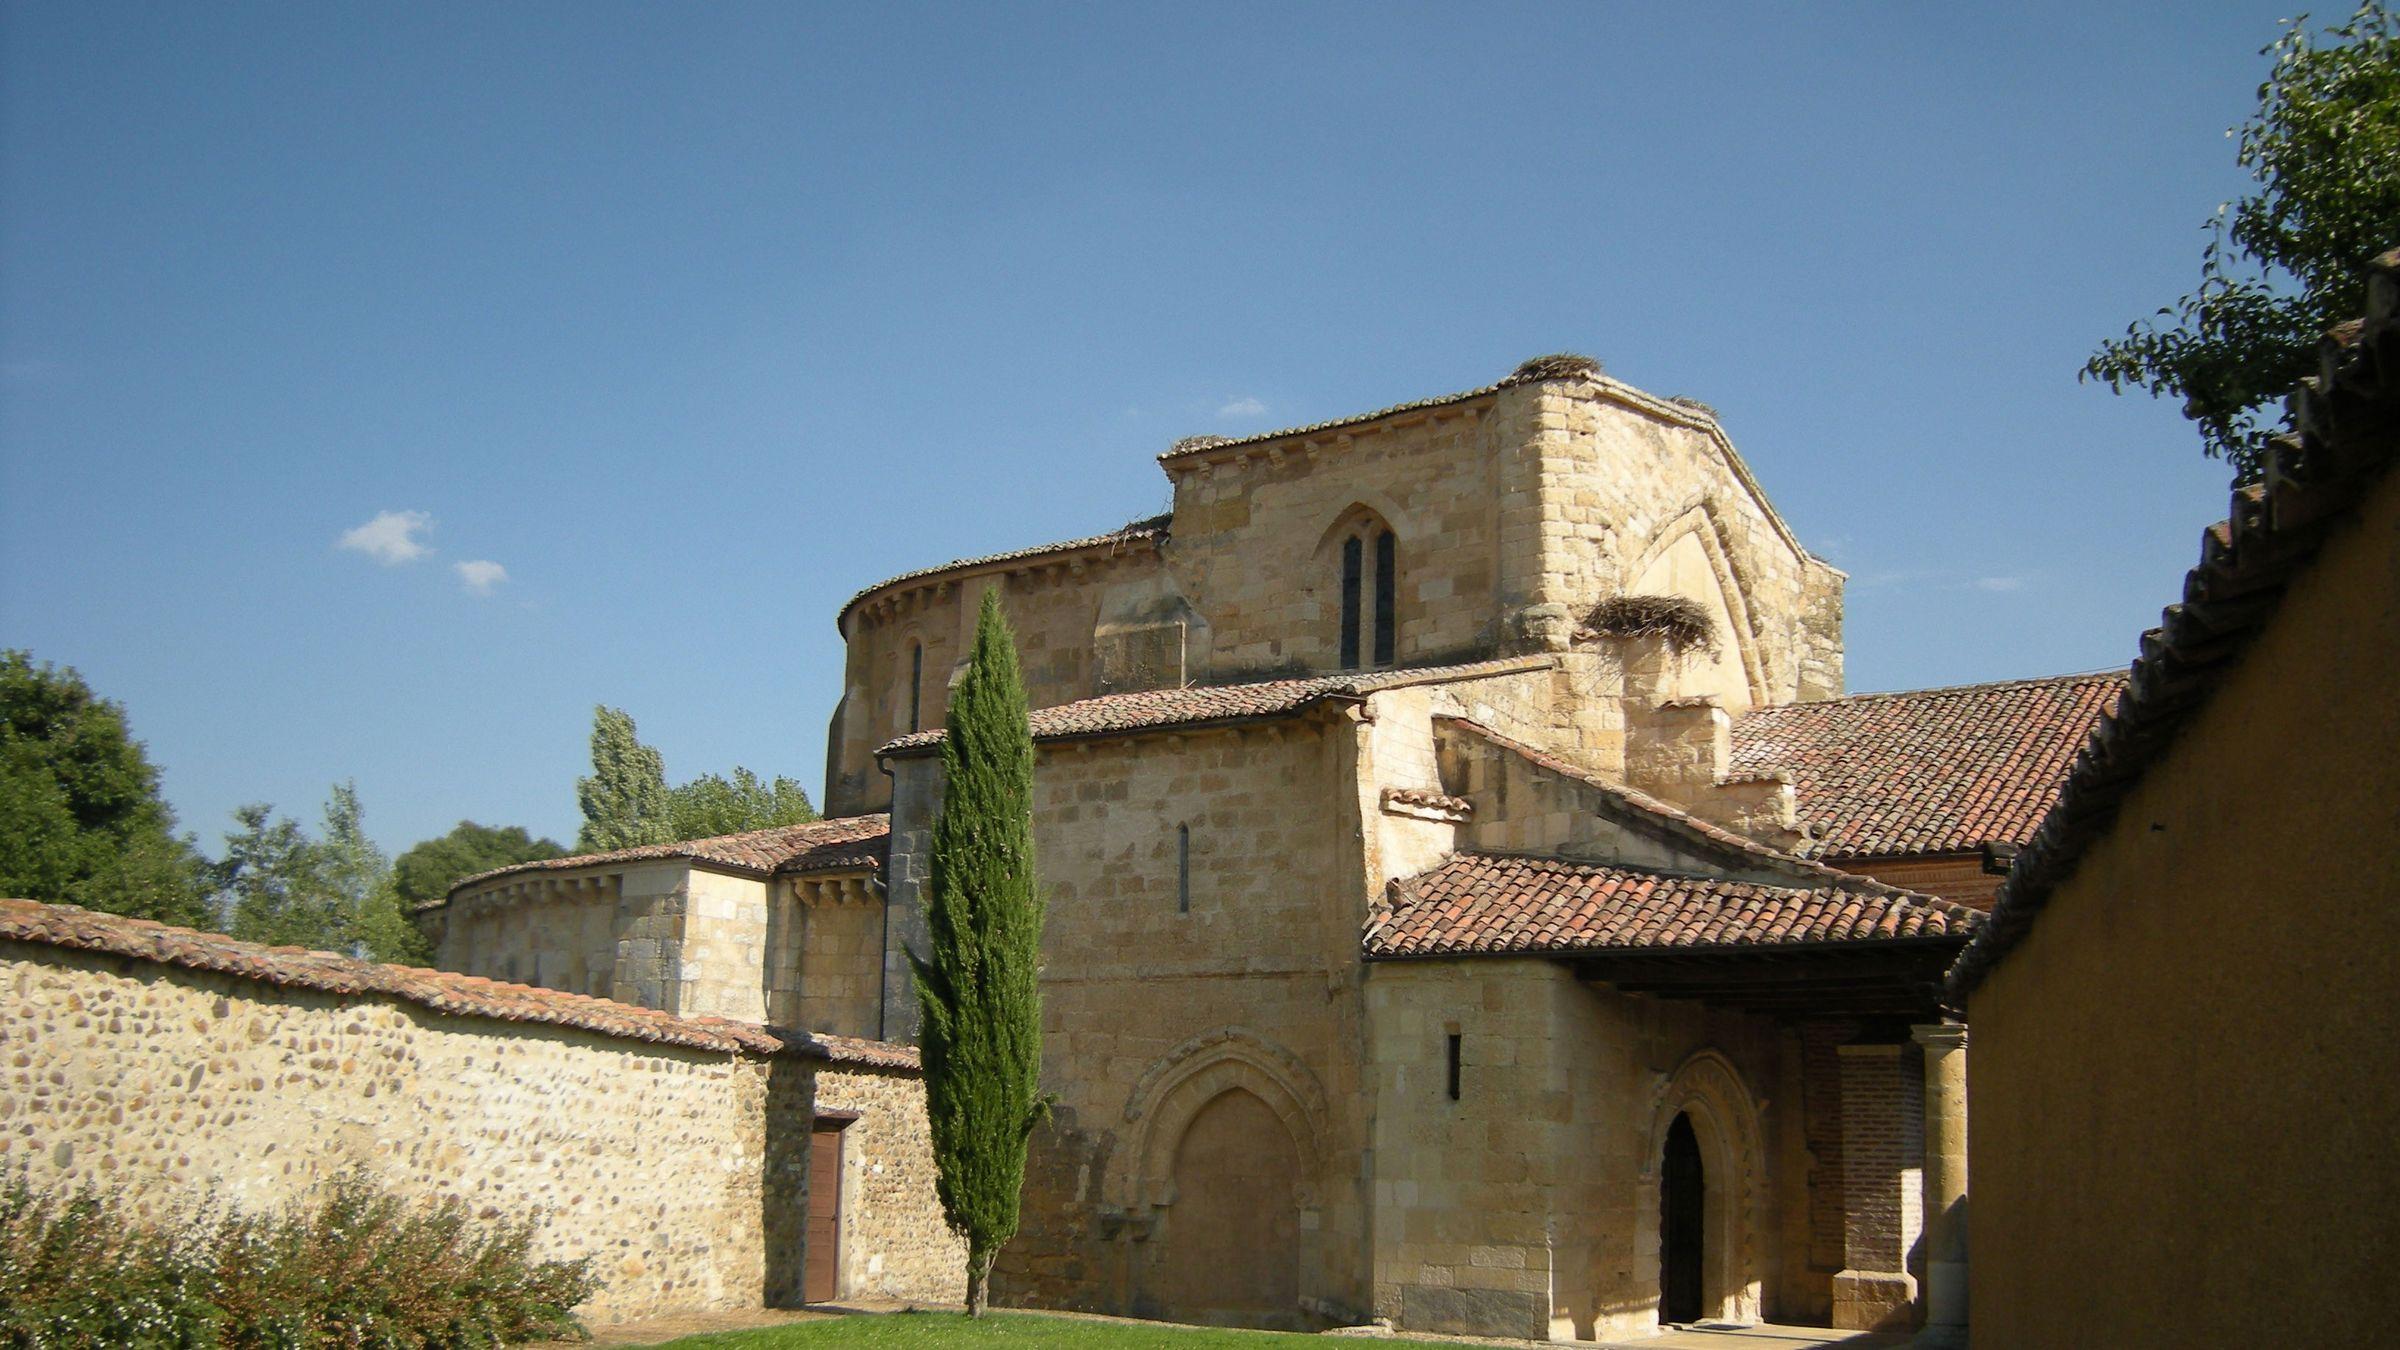 Monasterio de Santa María la Real de Gradefes